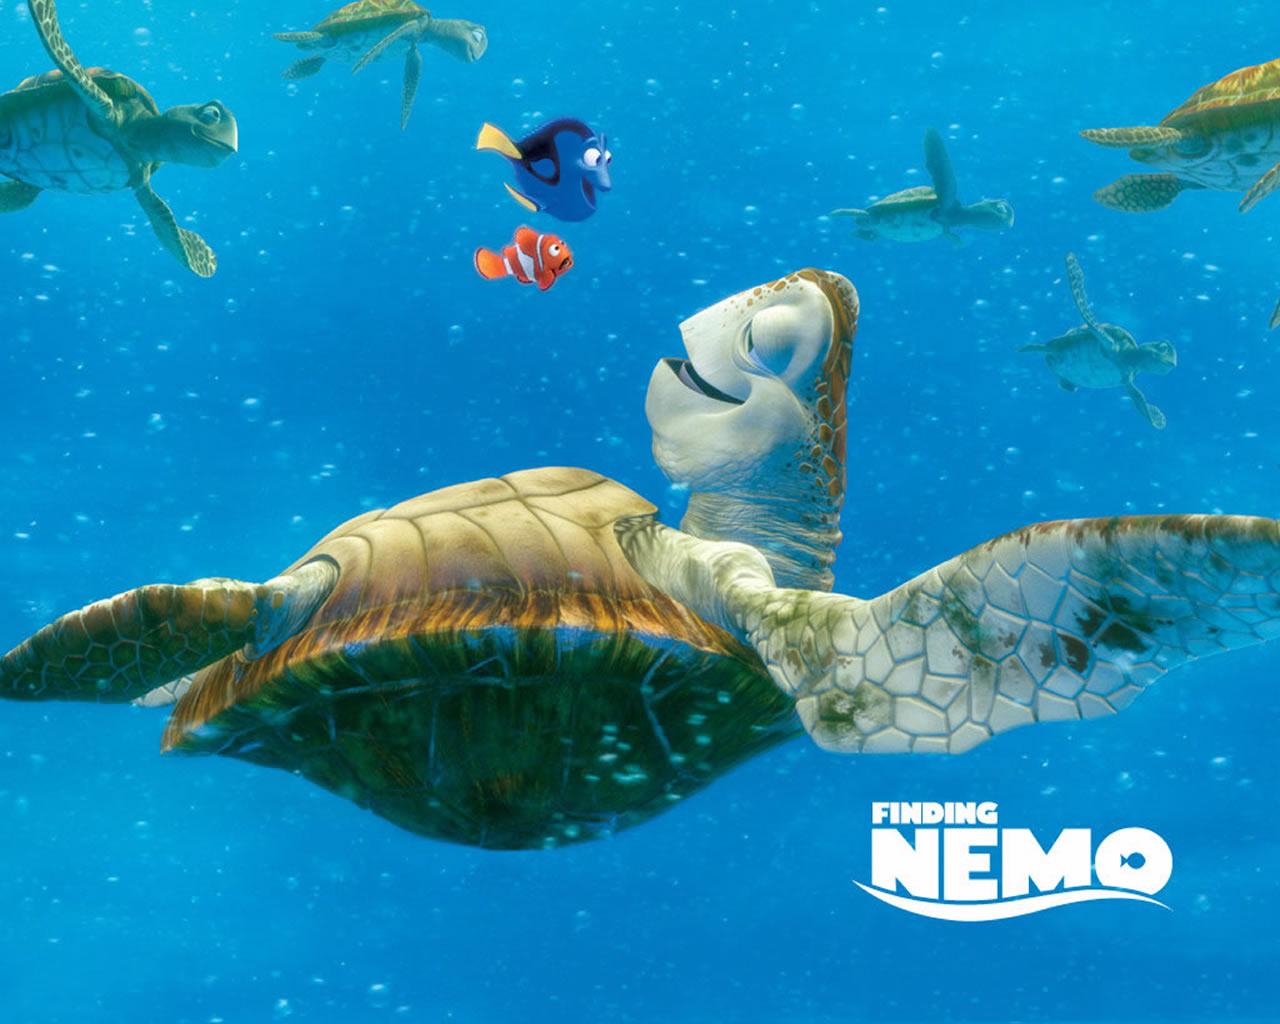 download wallpaper: Nemo in de Golfstroom wallpaper